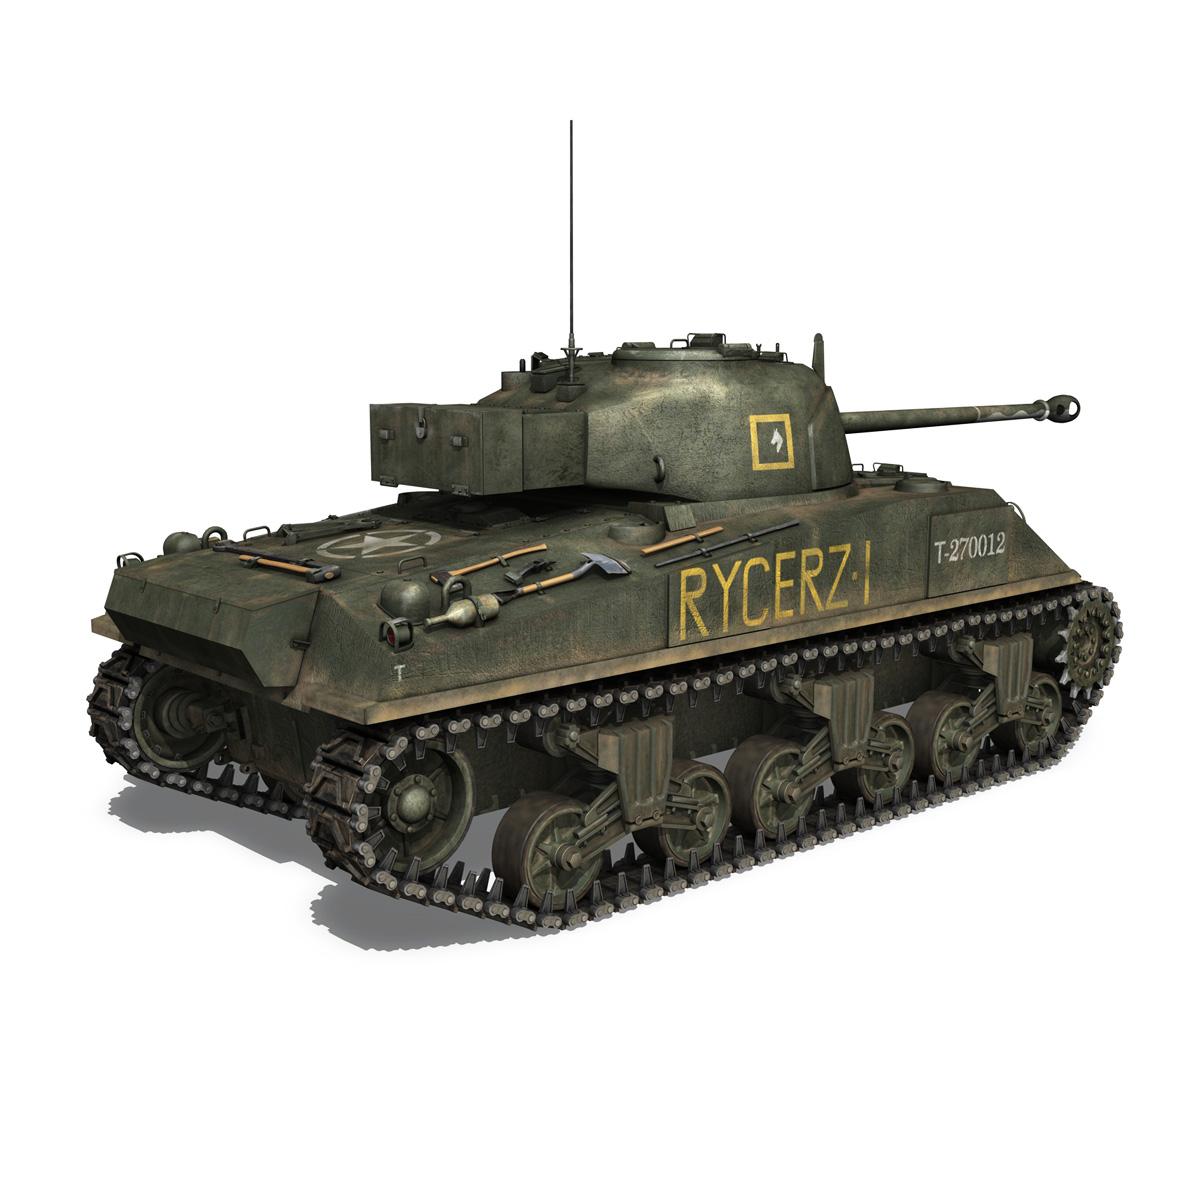 sherman mk vc firefly – rycerz i 3d model 3ds fbx c4d lwo obj 273073